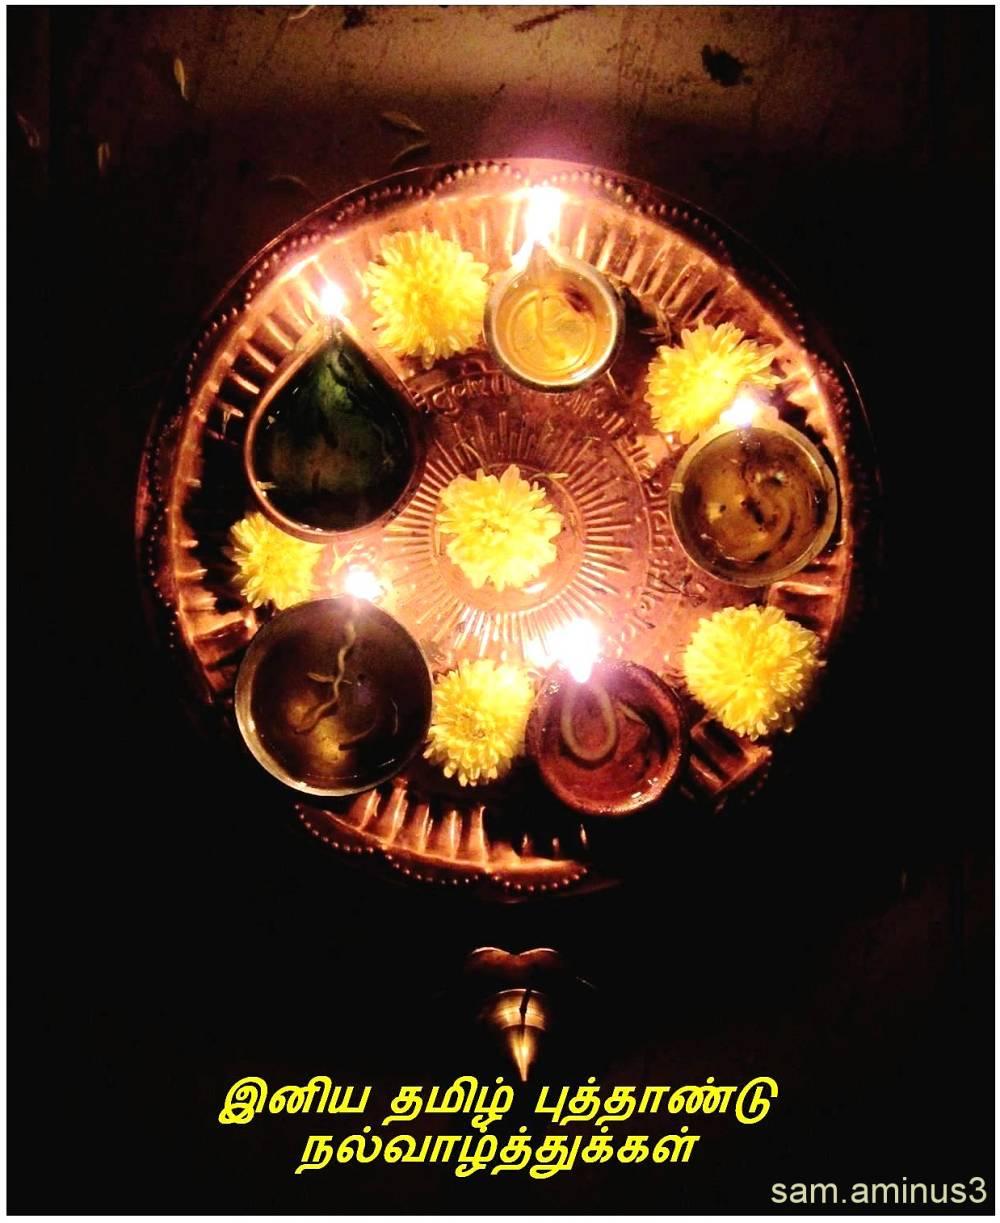 Tamil New Year Greetings - புத்தாண்டு வாழ்த்துகள்